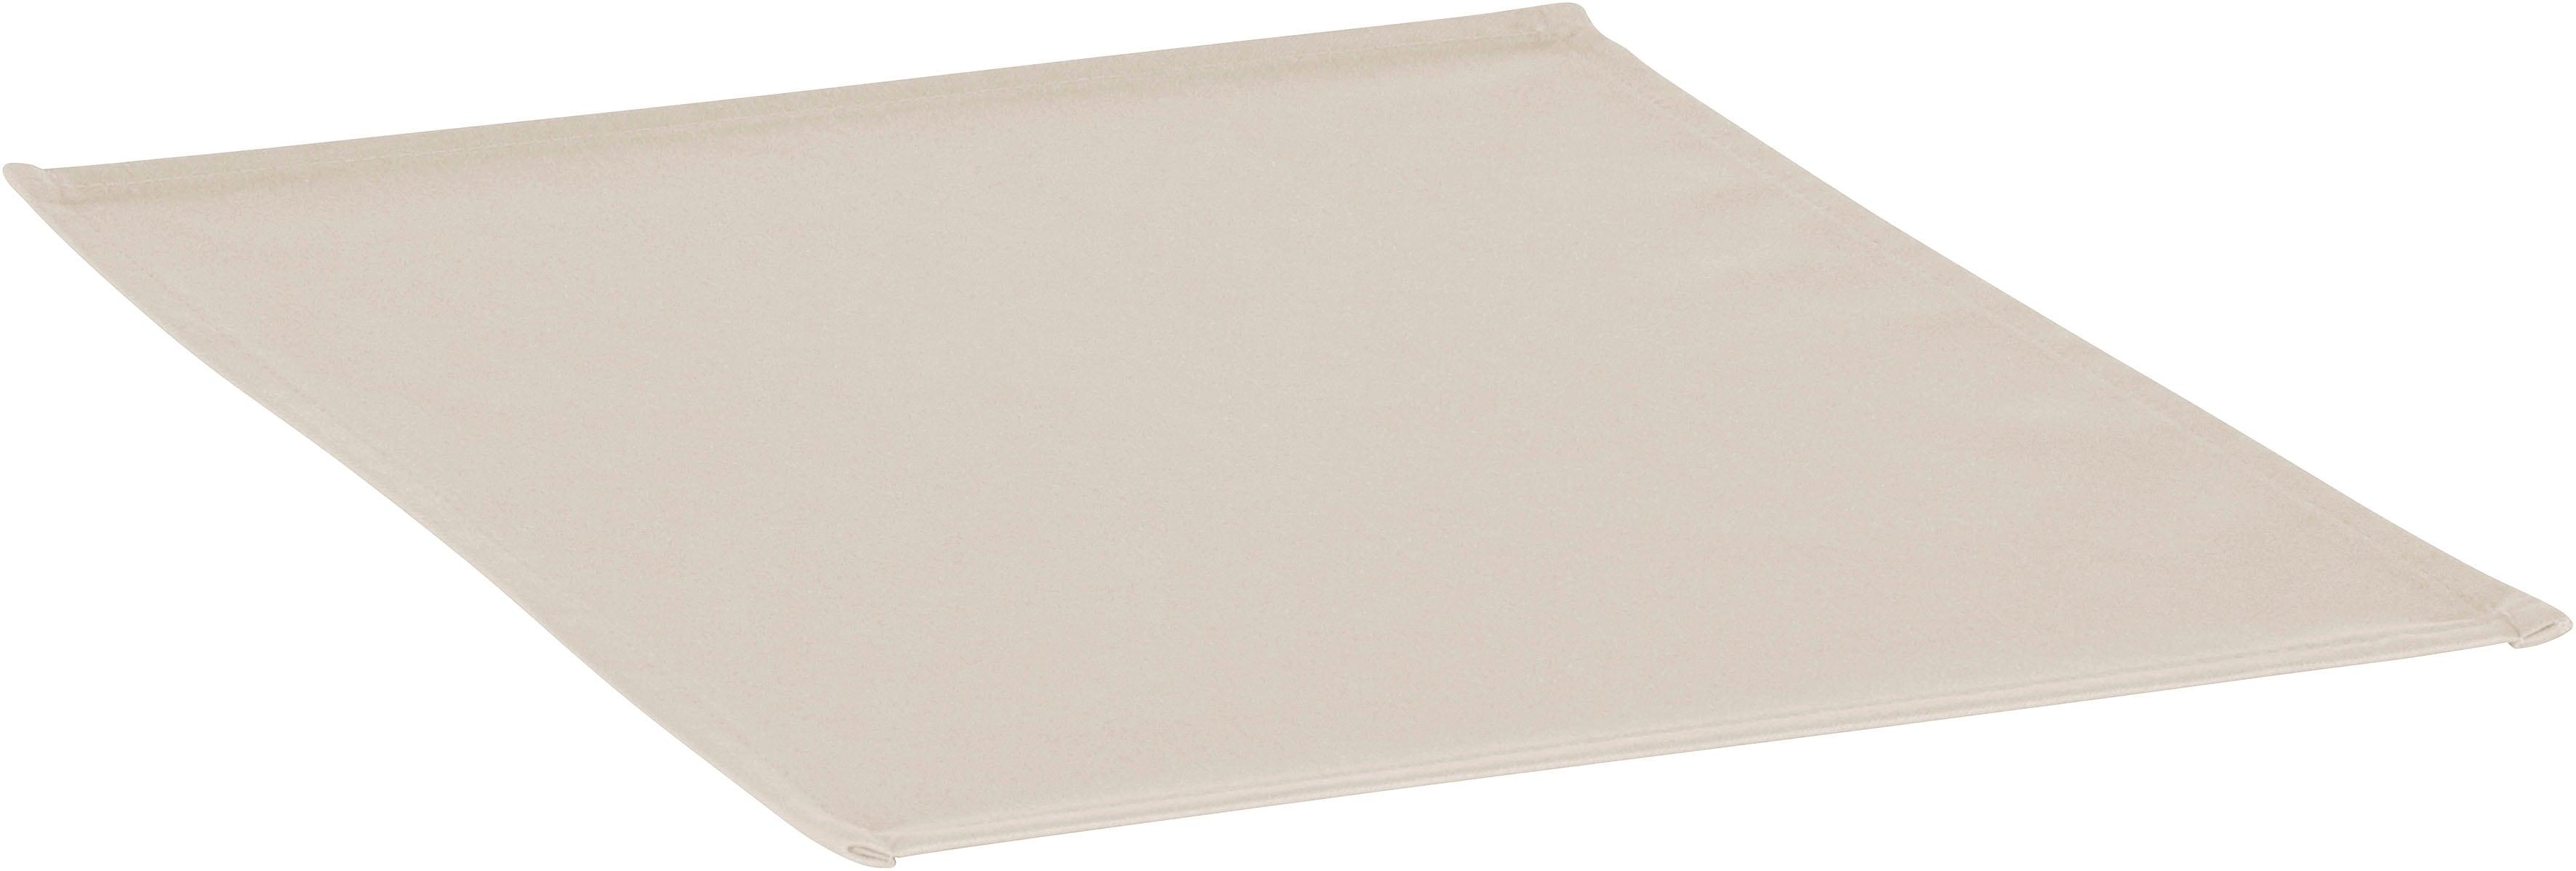 LeGer Home by Lena Gercke Stoffserviette Bennita, (Set, 12 St.) beige Stoffservietten Tischwäsche